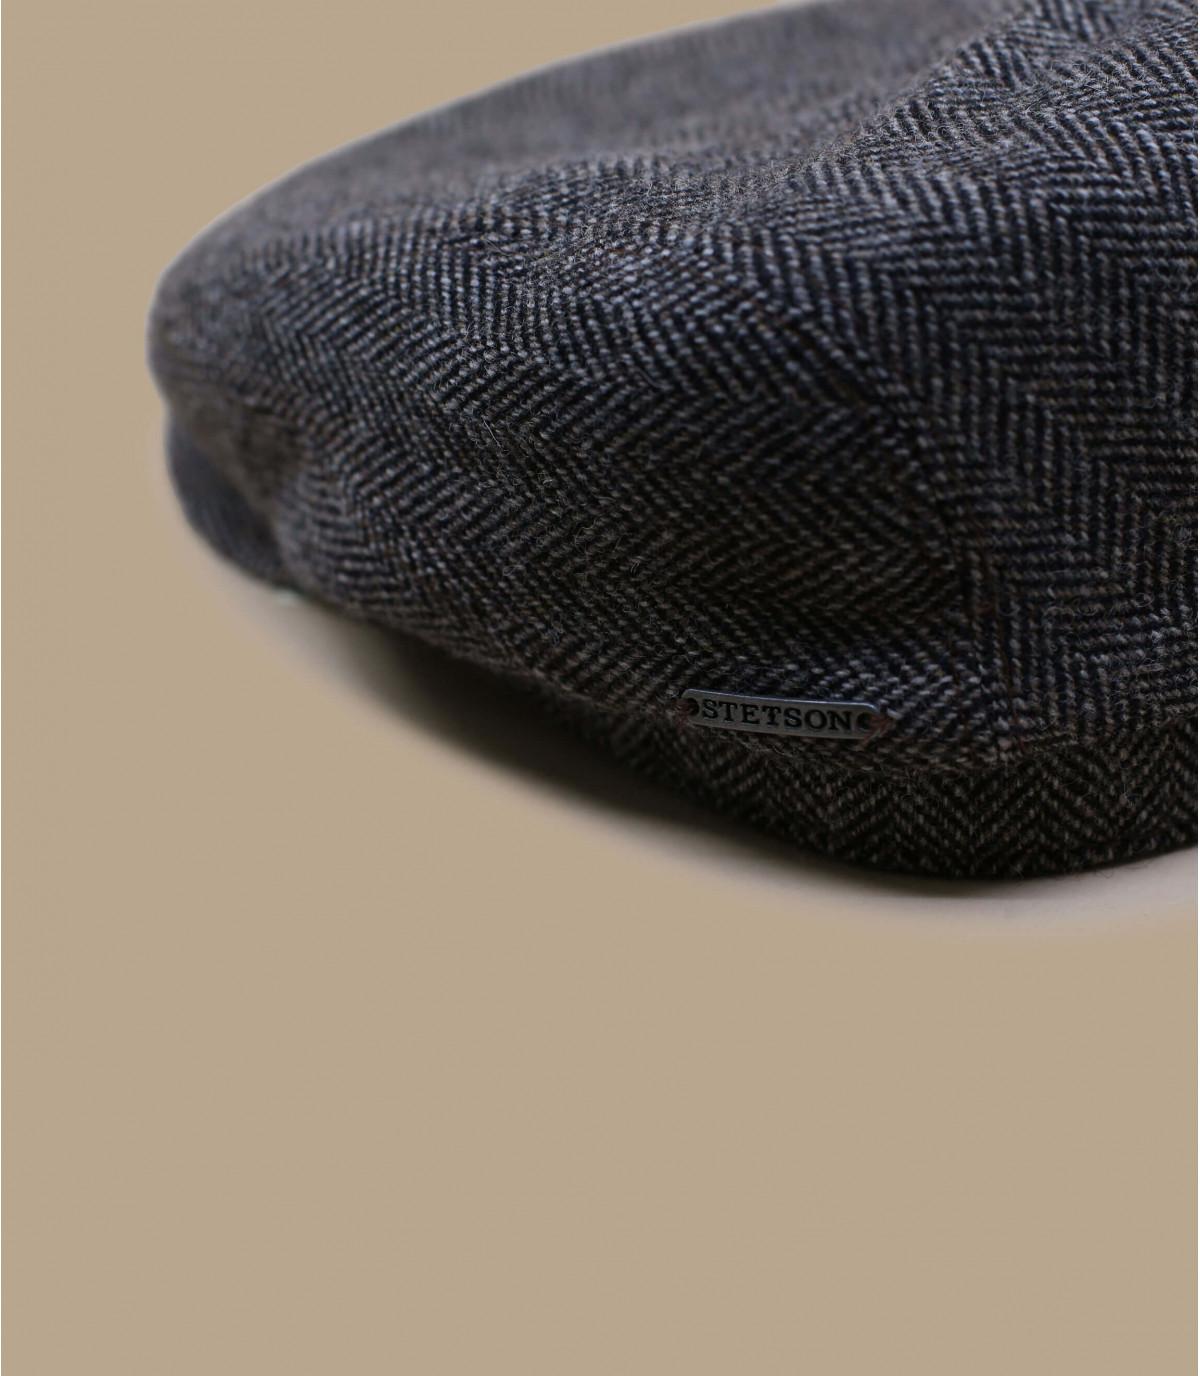 Cappellino piatto Stetson grigio